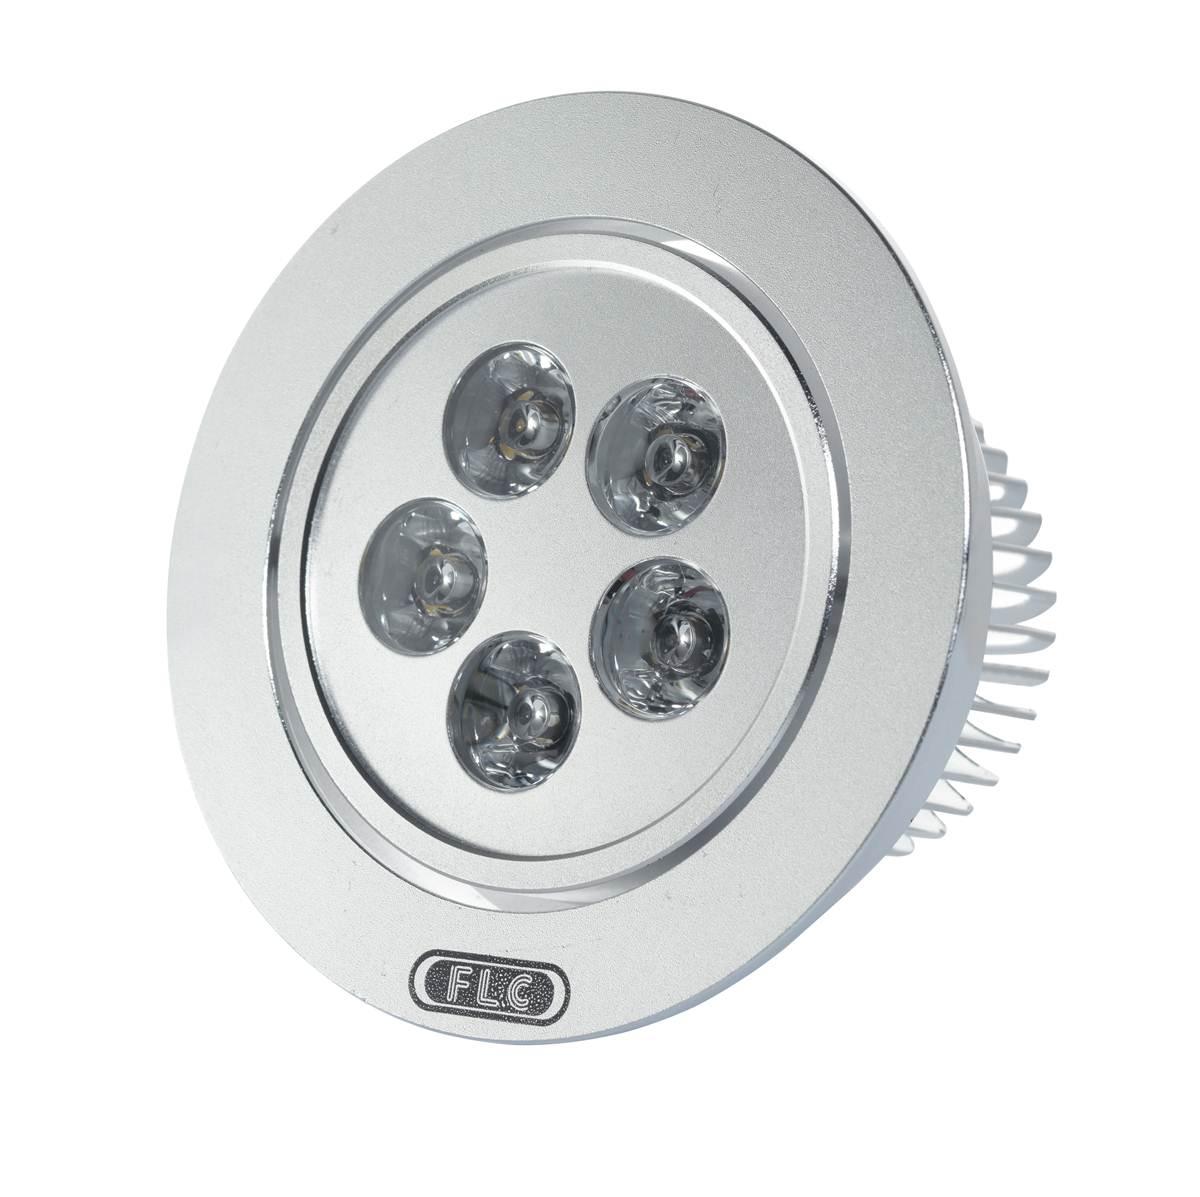 Luminária Super LED - DOWNLIGHT REDONDO - 5 Super LEDS 10W